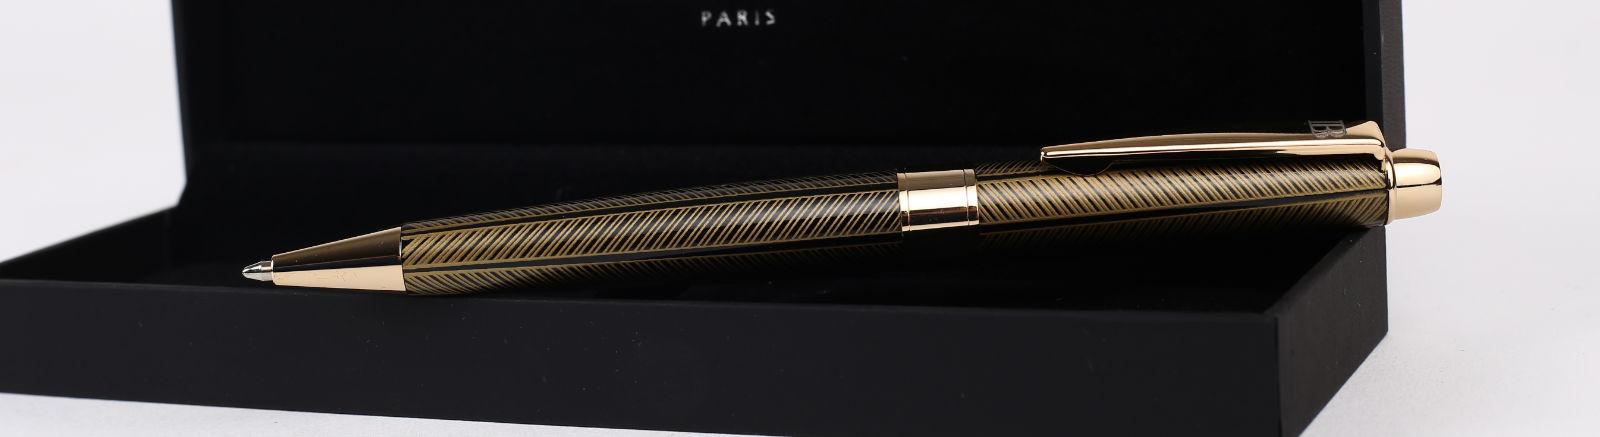 kugelschreiber mit gravur edel g nstig dein geschenk. Black Bedroom Furniture Sets. Home Design Ideas